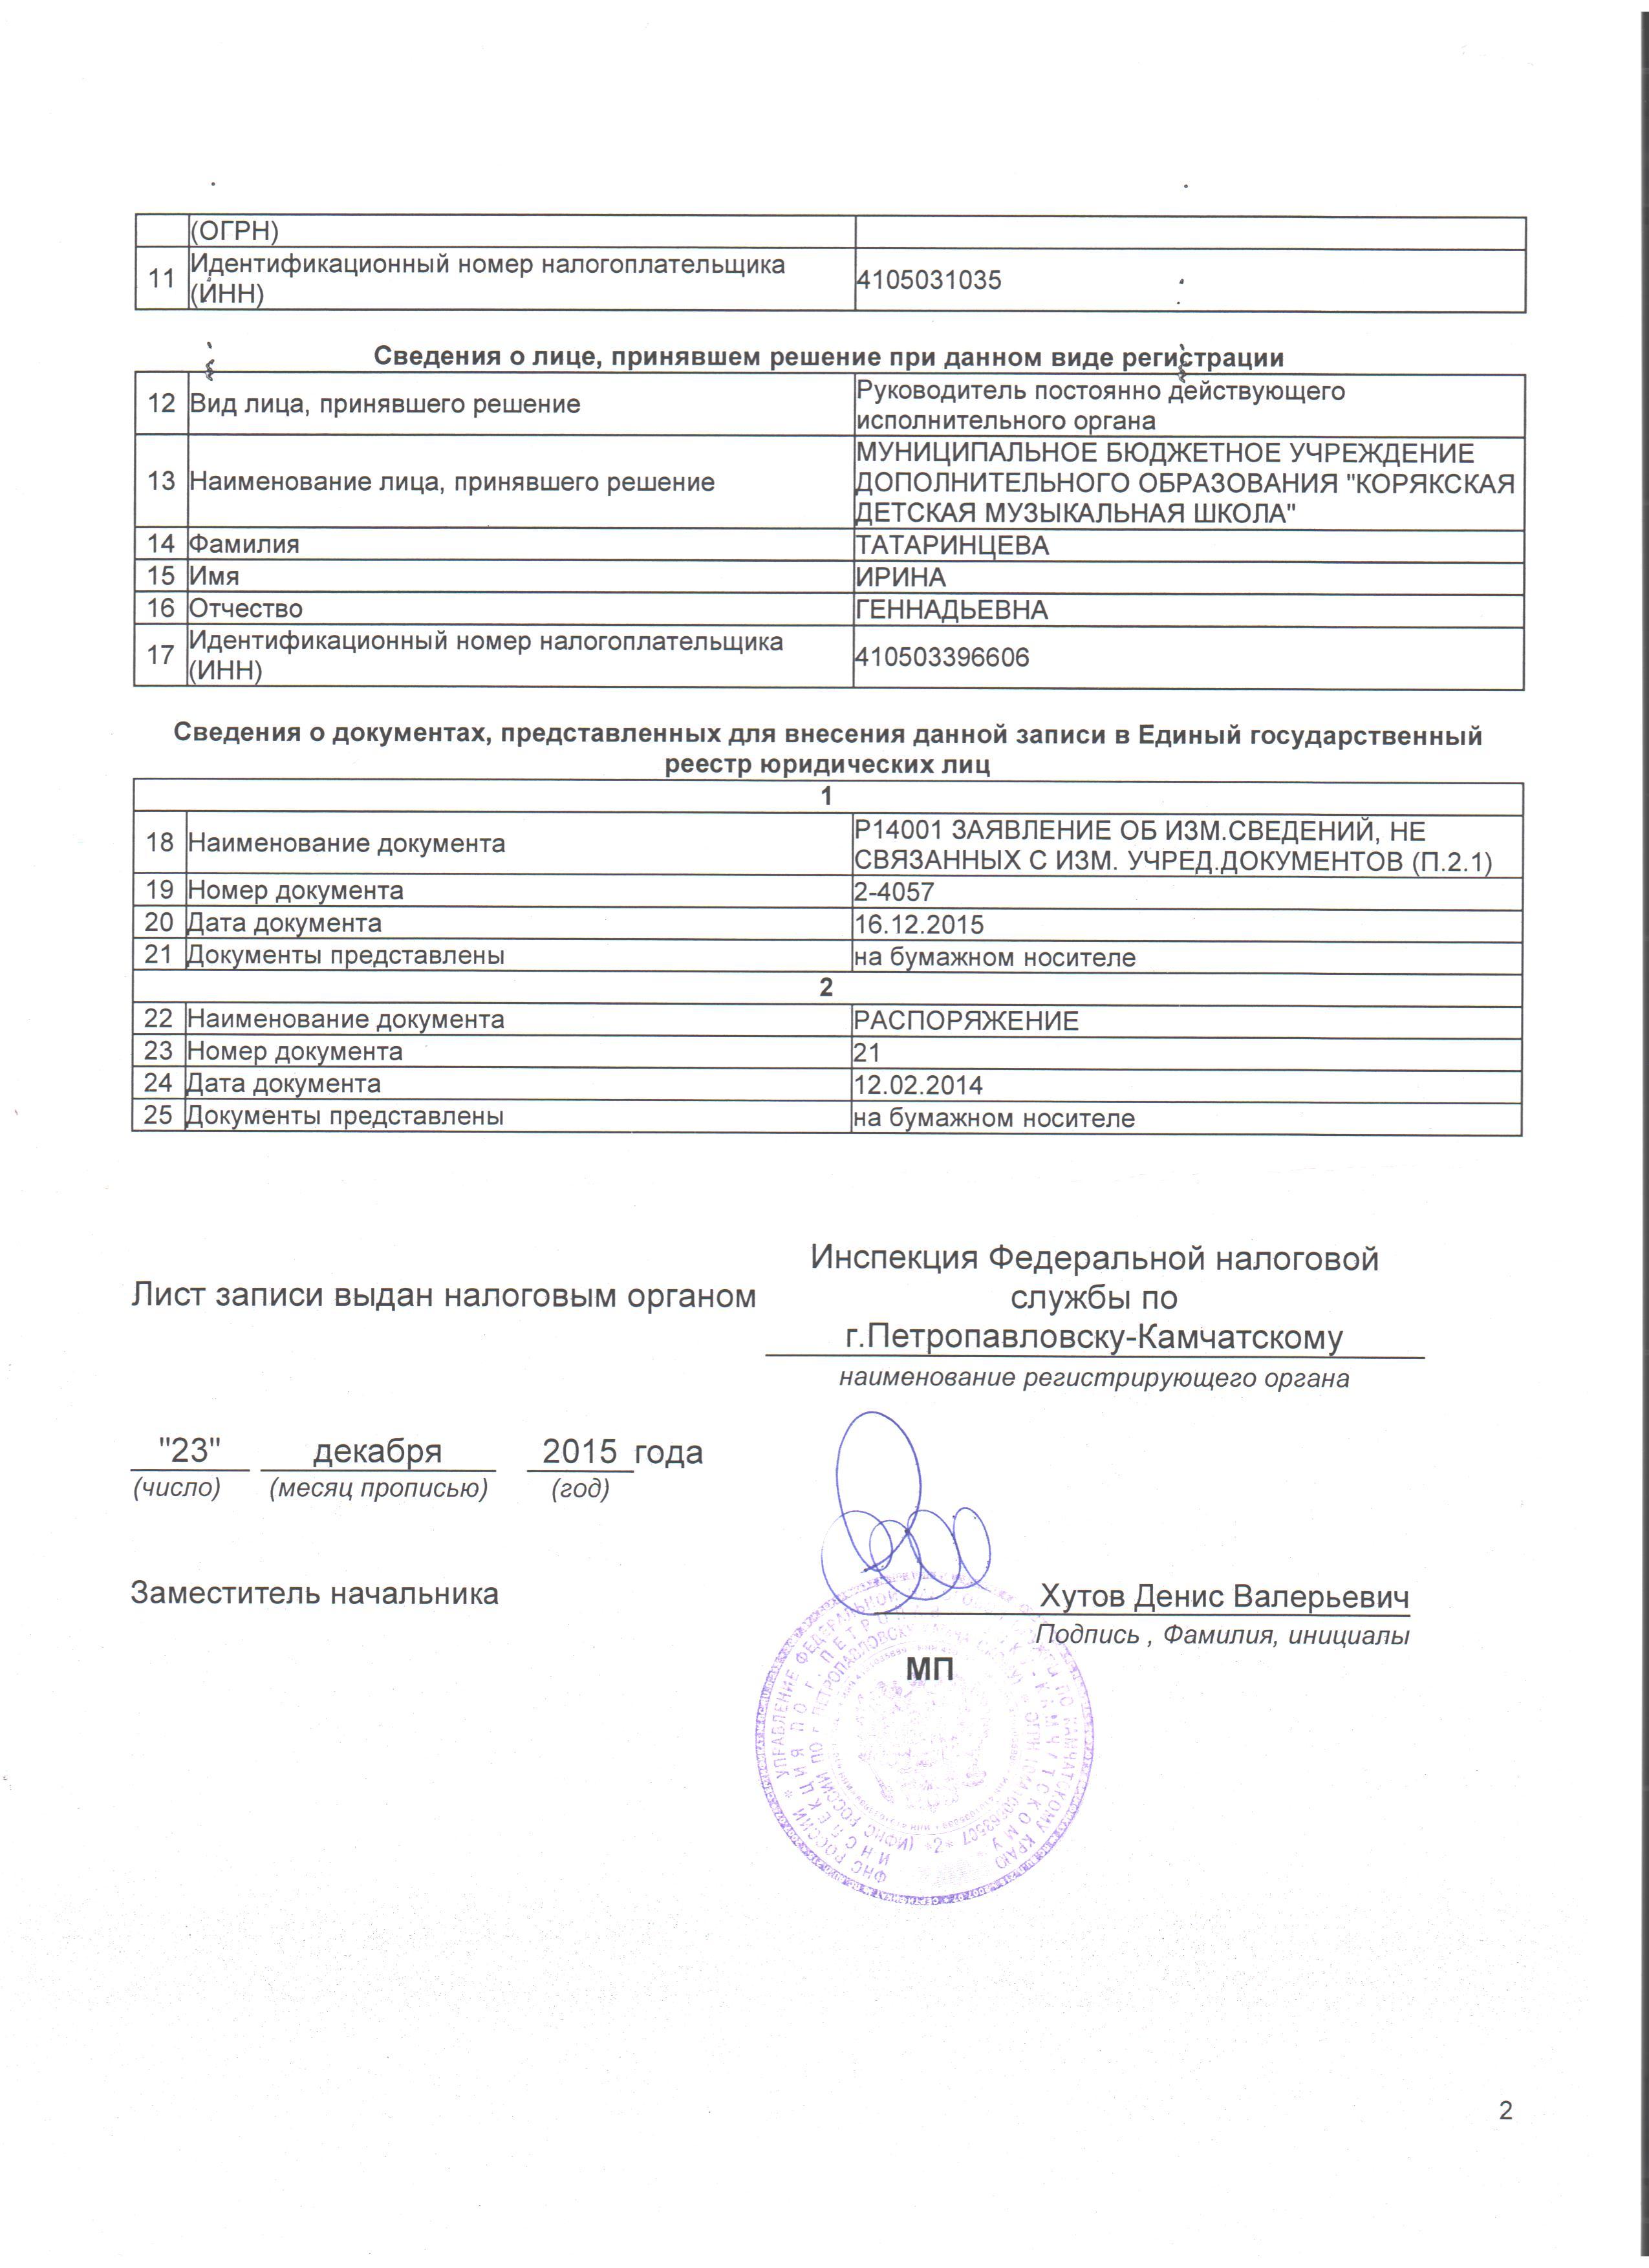 Лист записи ЕГРЮЛ от 23.12.2015г. страница 2